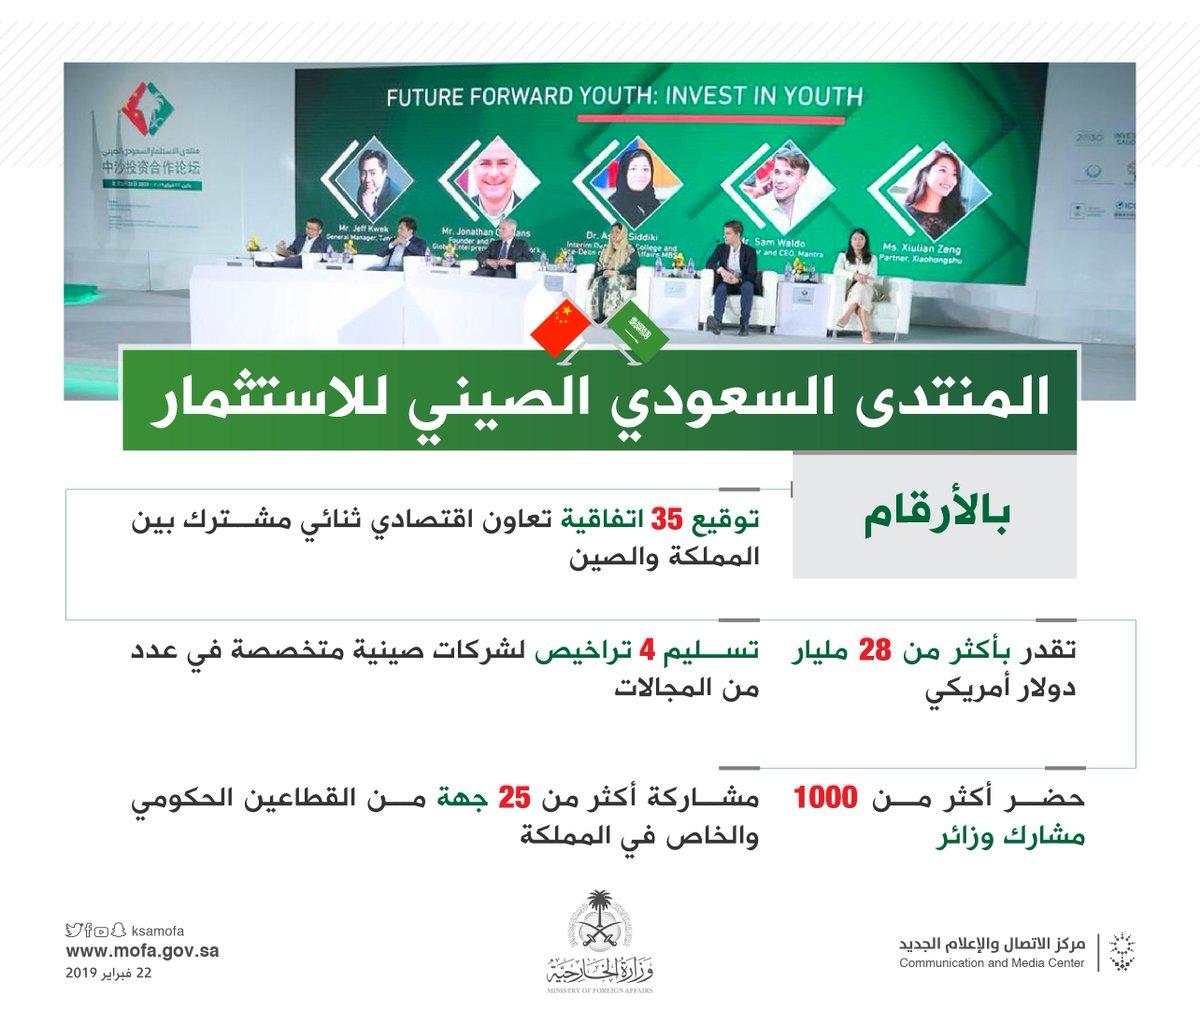 #إنفوجرافيك_الخارجية   #منتدى_الاستثمار_السعودي_الصيني تعزيز لفرص التعاون الاقتصادي المشترك 🇸🇦🇨🇳  #ولي_العهد_في_الصين #CrownPrinceInChina